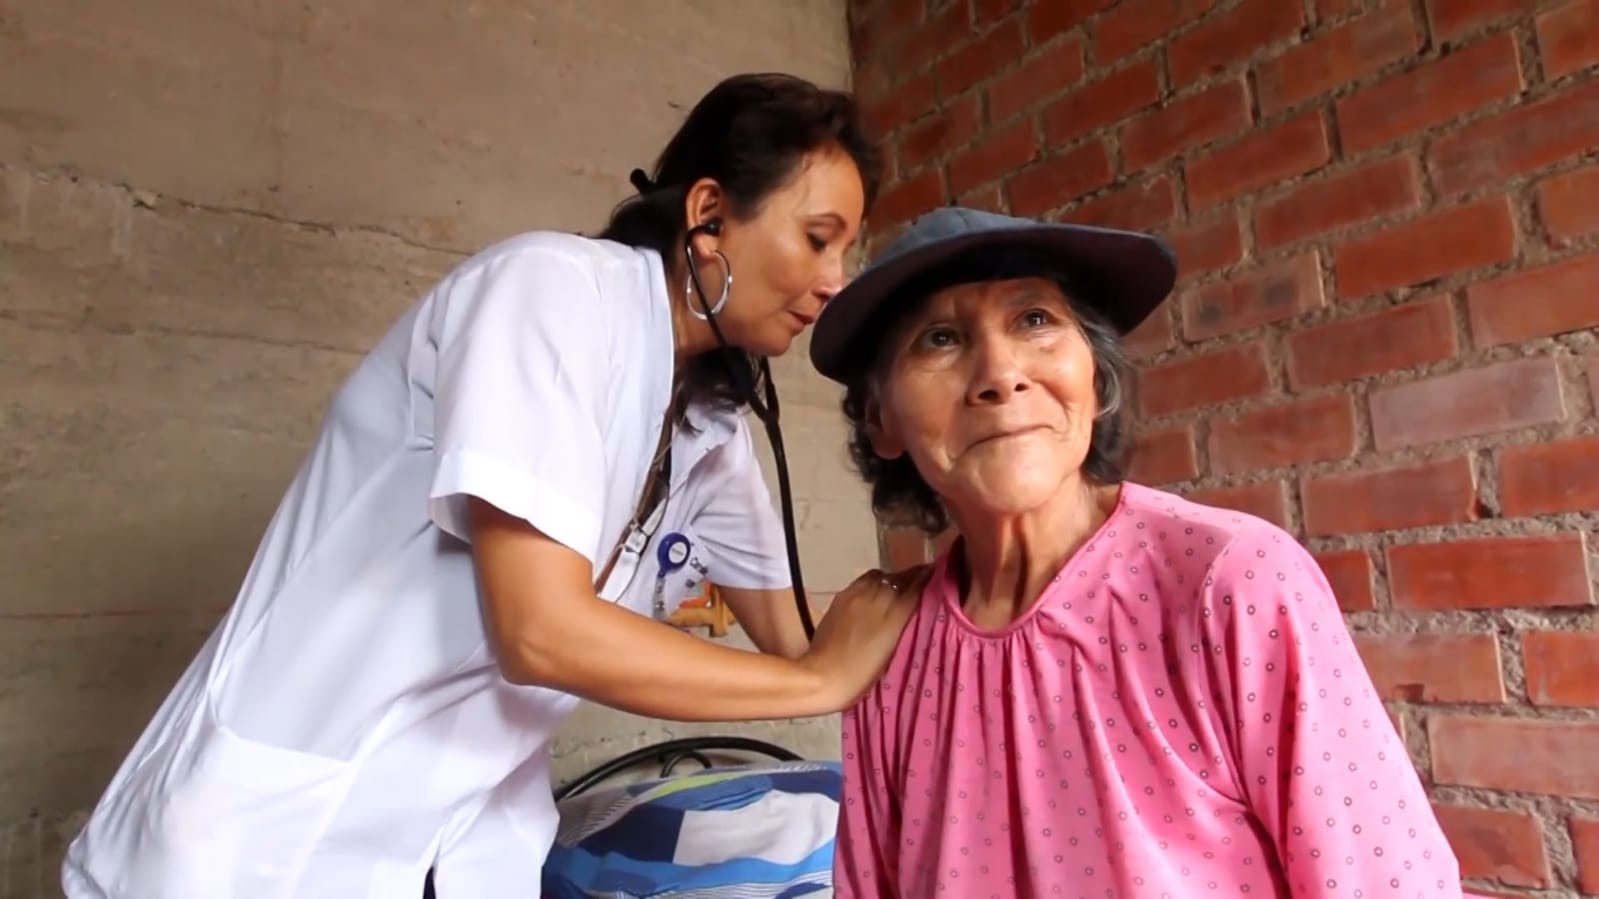 Essalud - Más de 50 mil adultos mayores reciben atención médica domiciliaria que brinda Padomi EsSalud